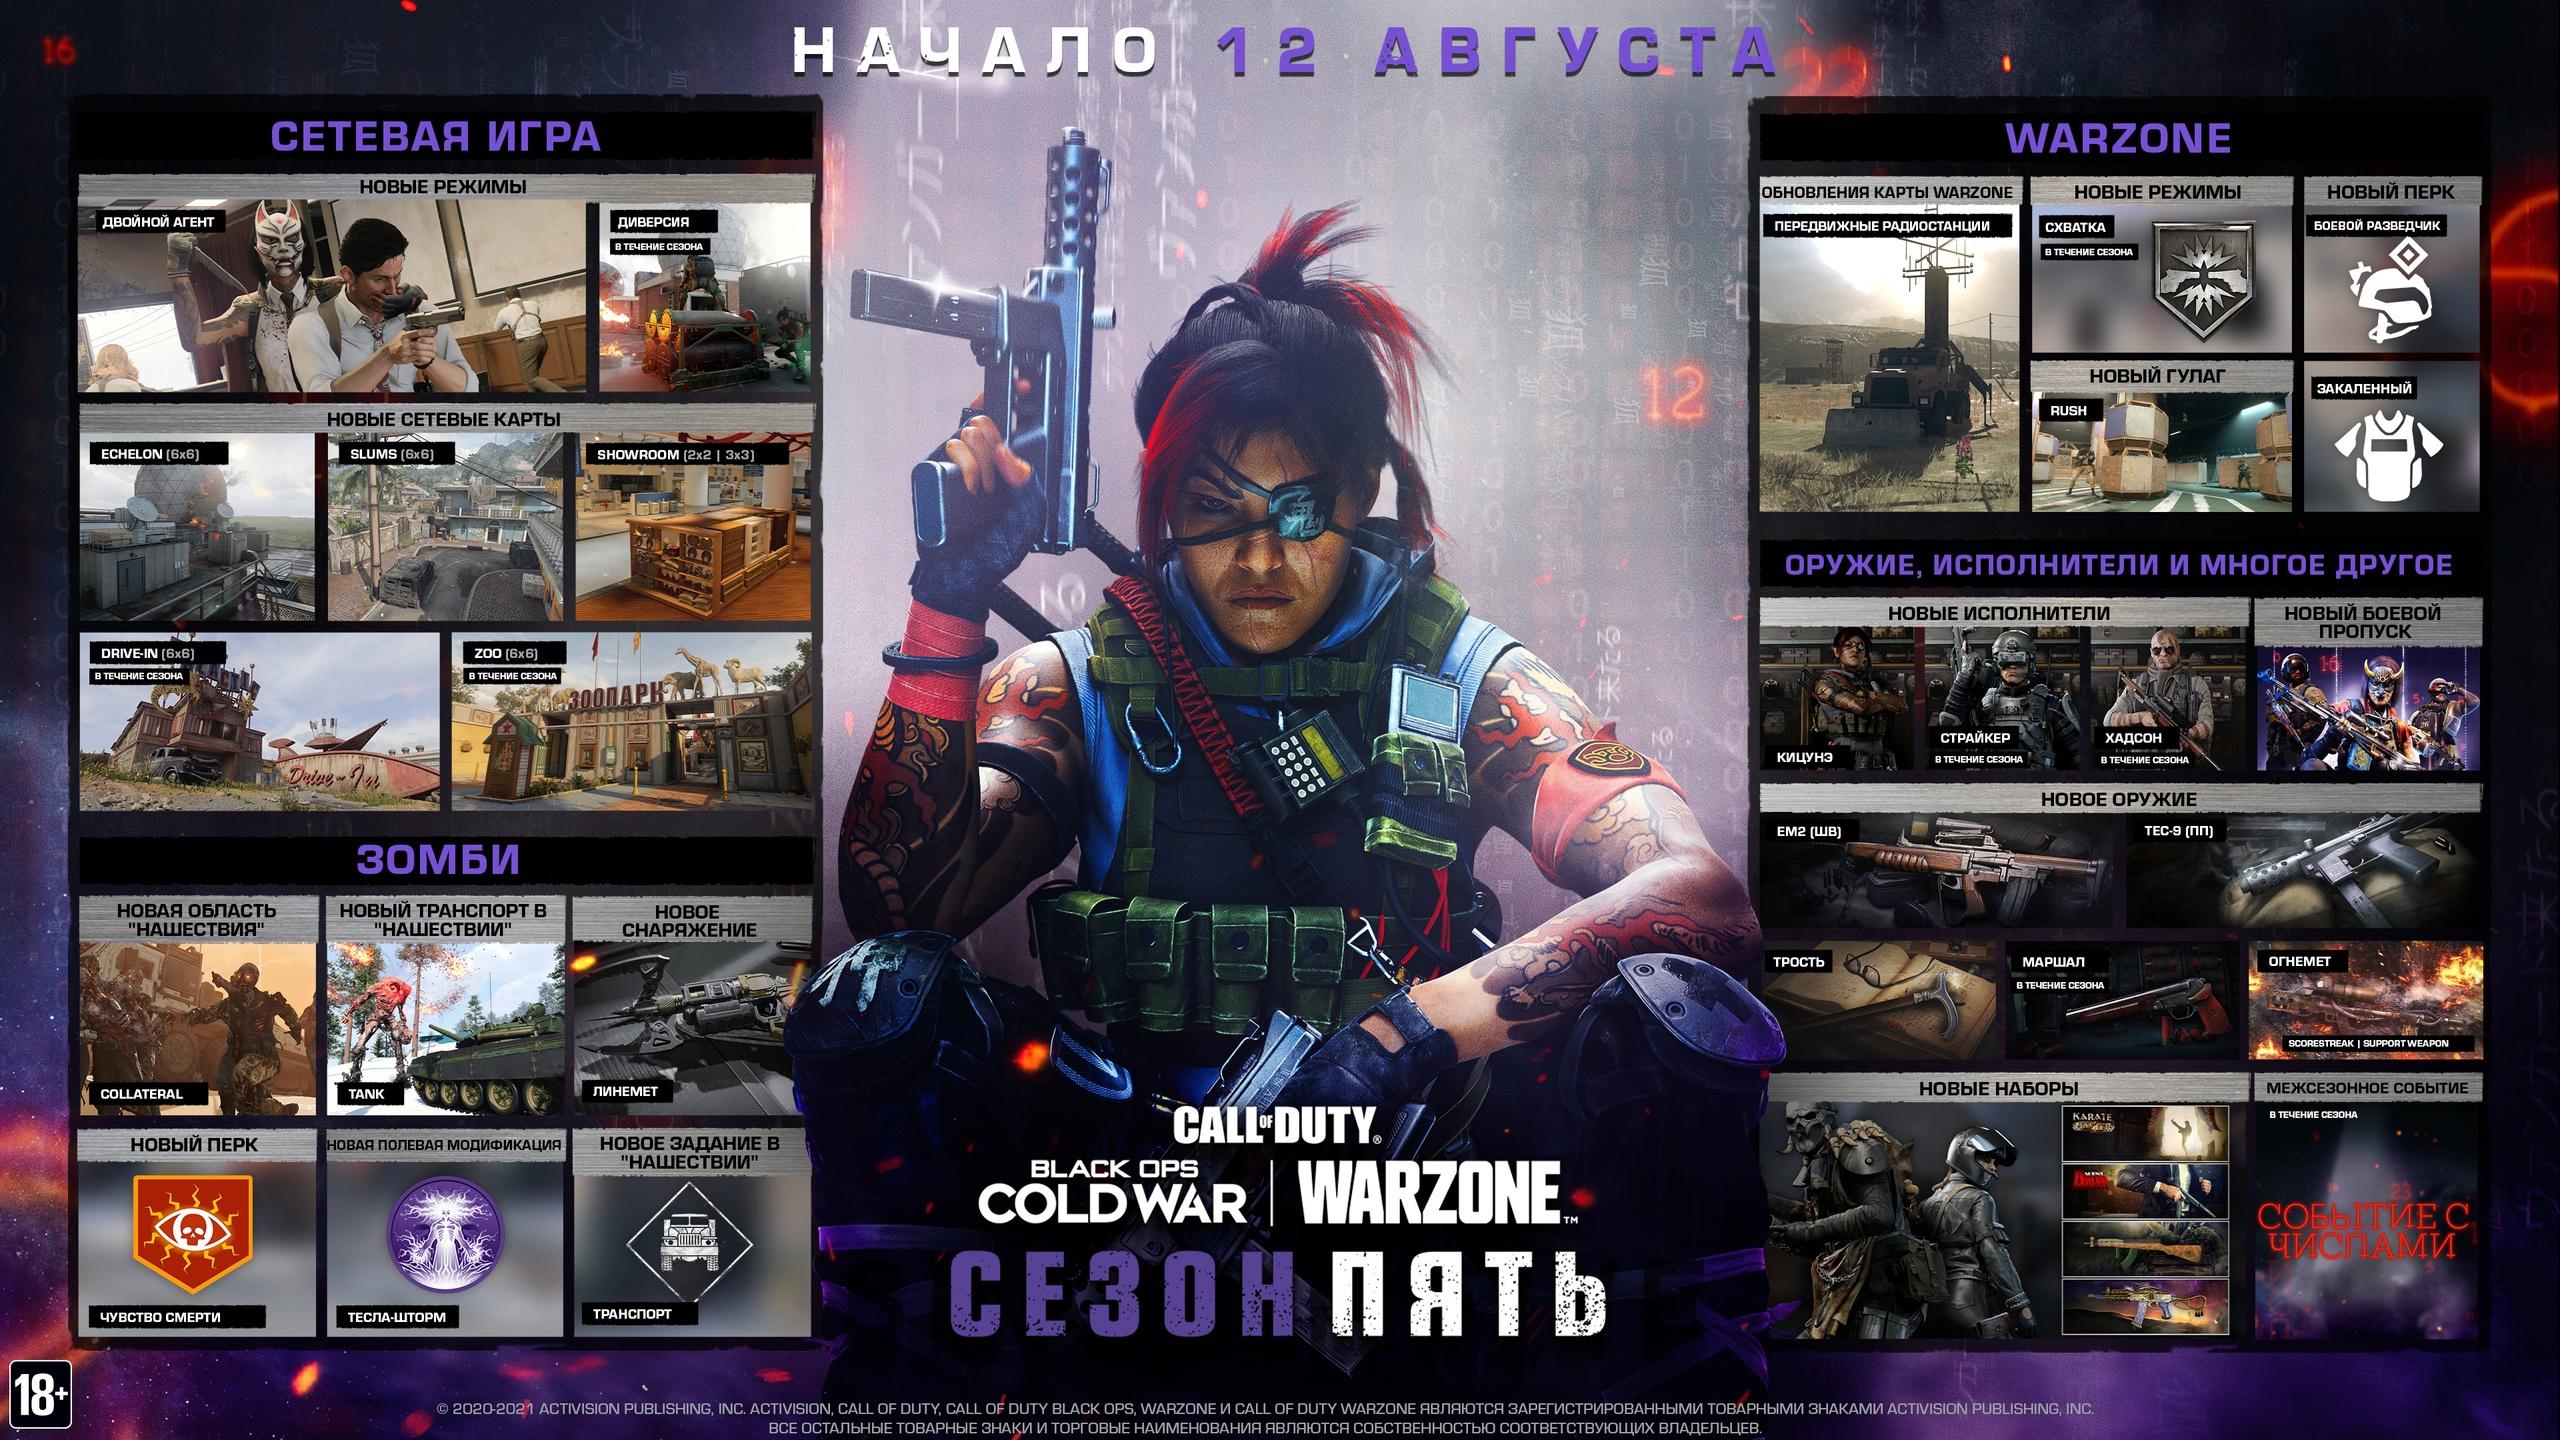 Карты из оригинальной Black Ops, режим Double Agent и огнемет — дорожная карта пятого сезона Black Ops Cold War и Warzone